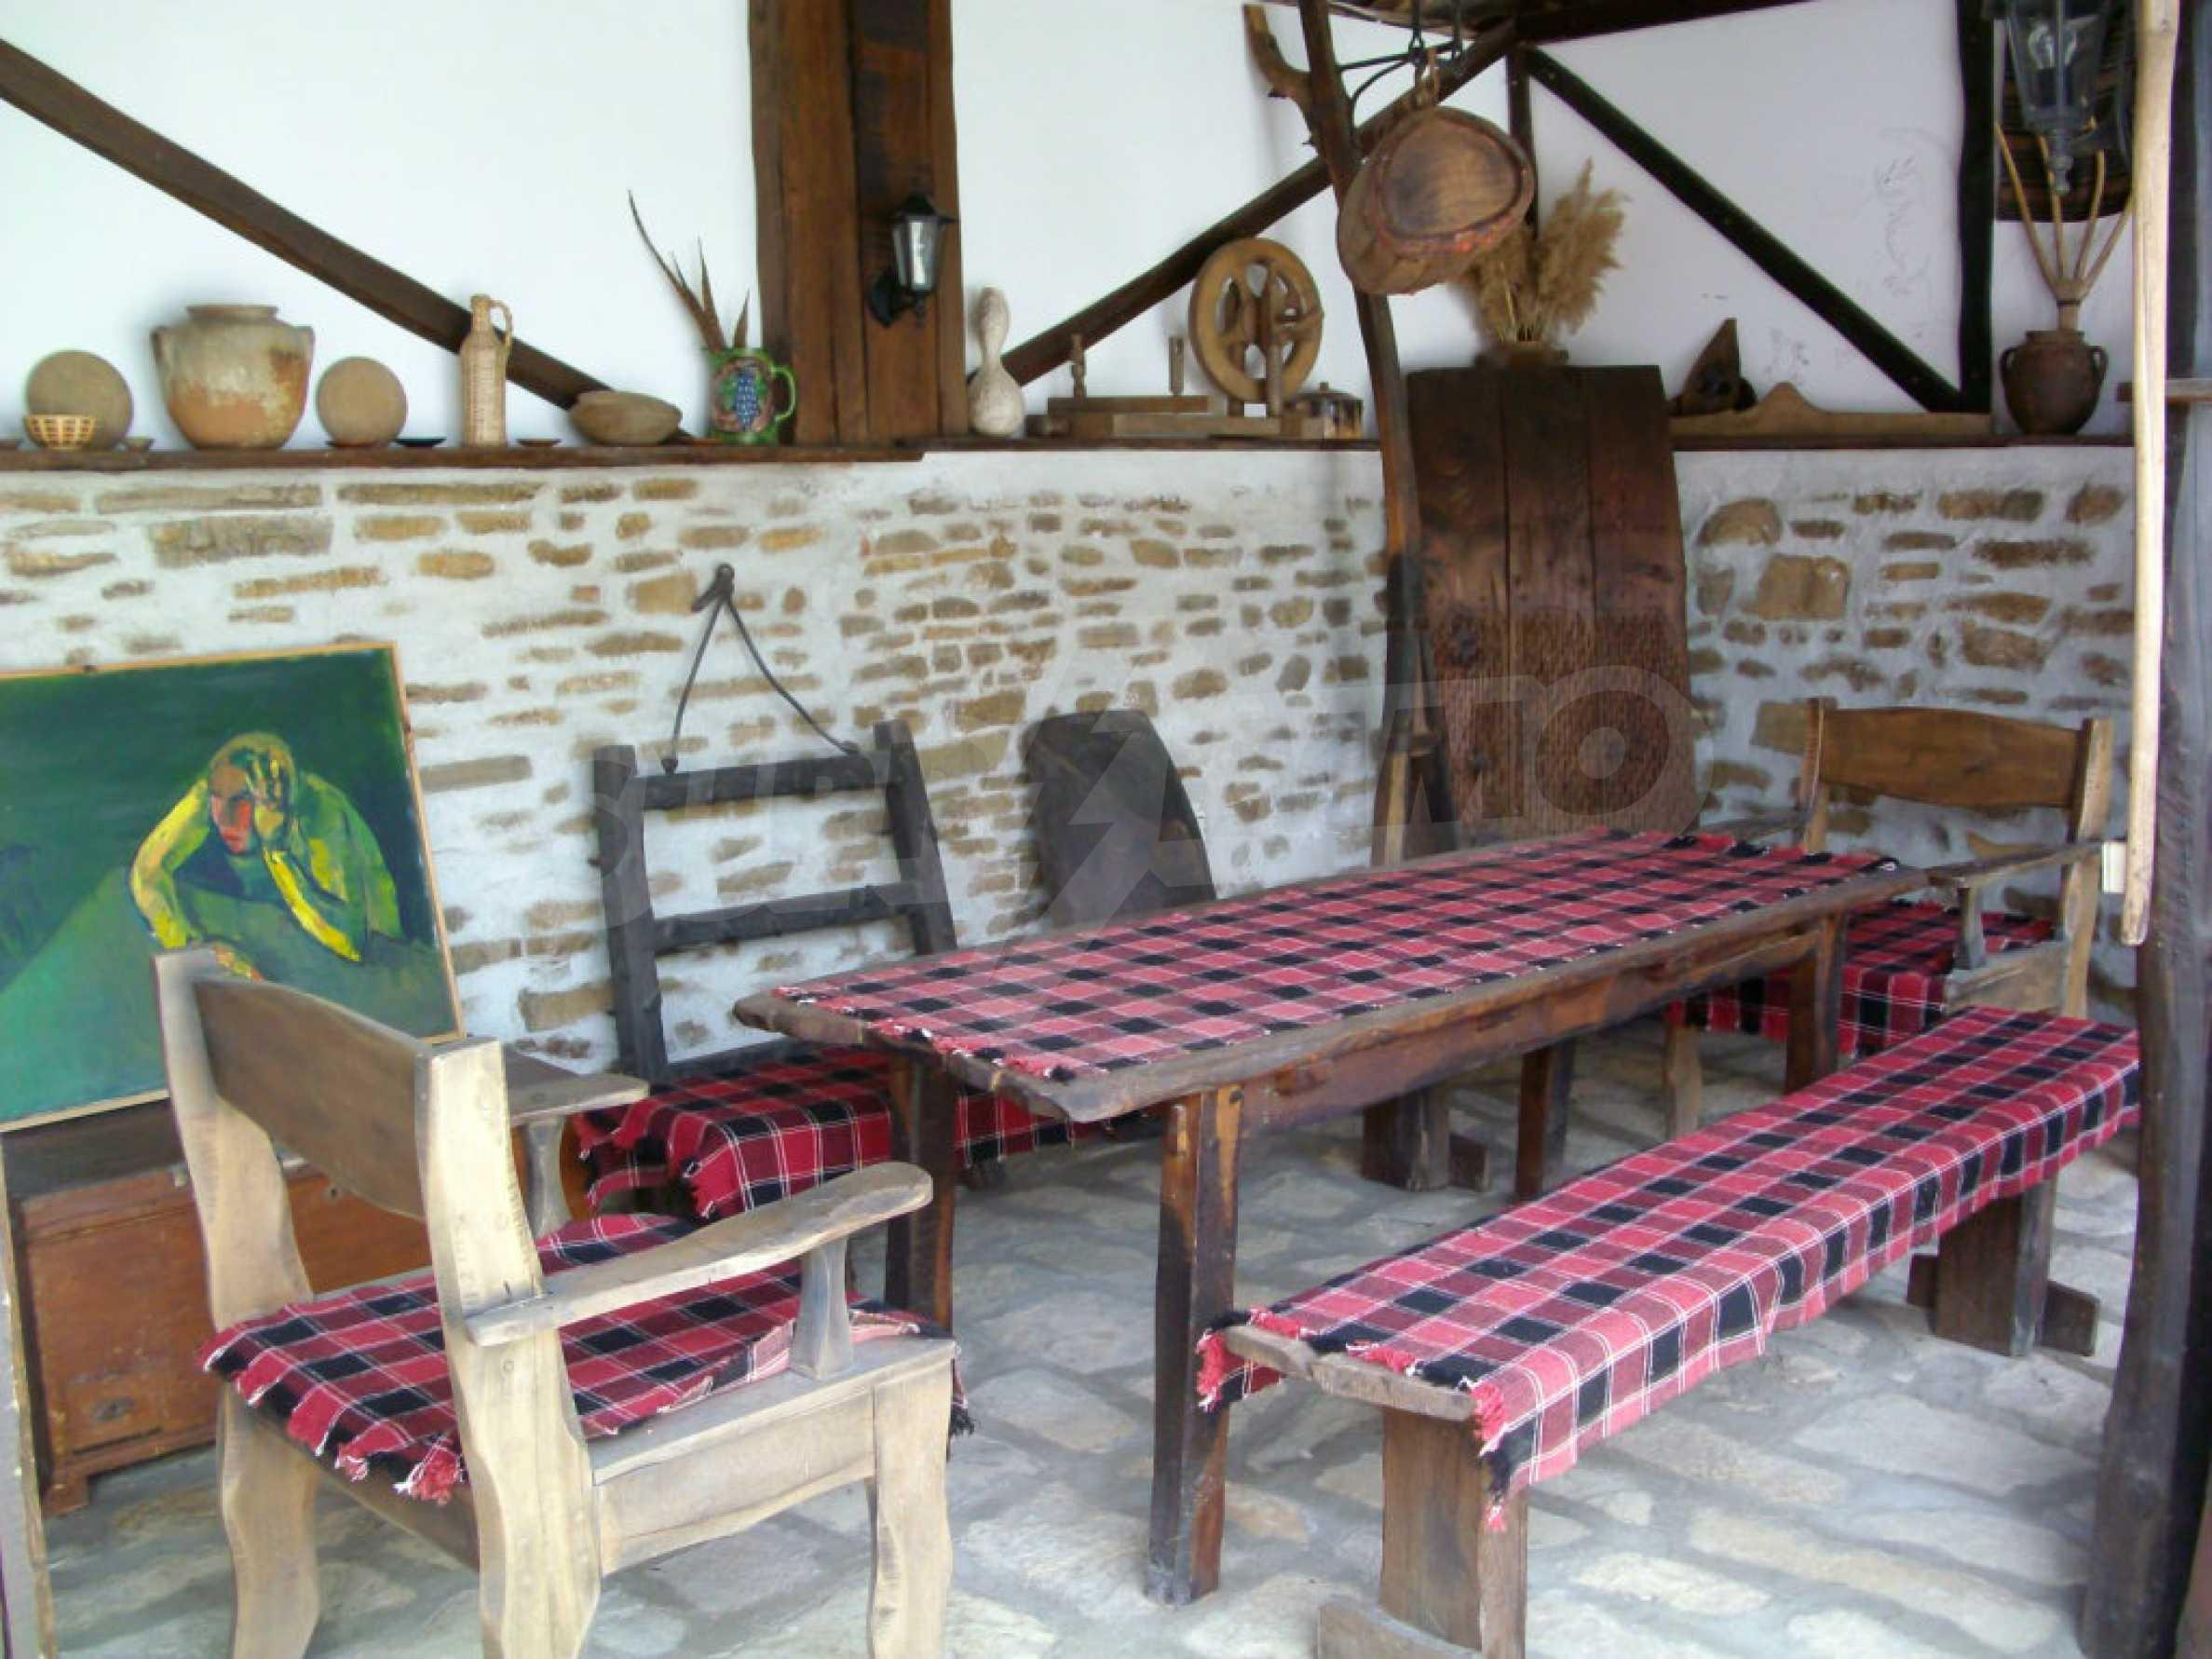 Vollständig möbliertes Anwesen im erhaltenen traditionellen bulgarischen Stil 35